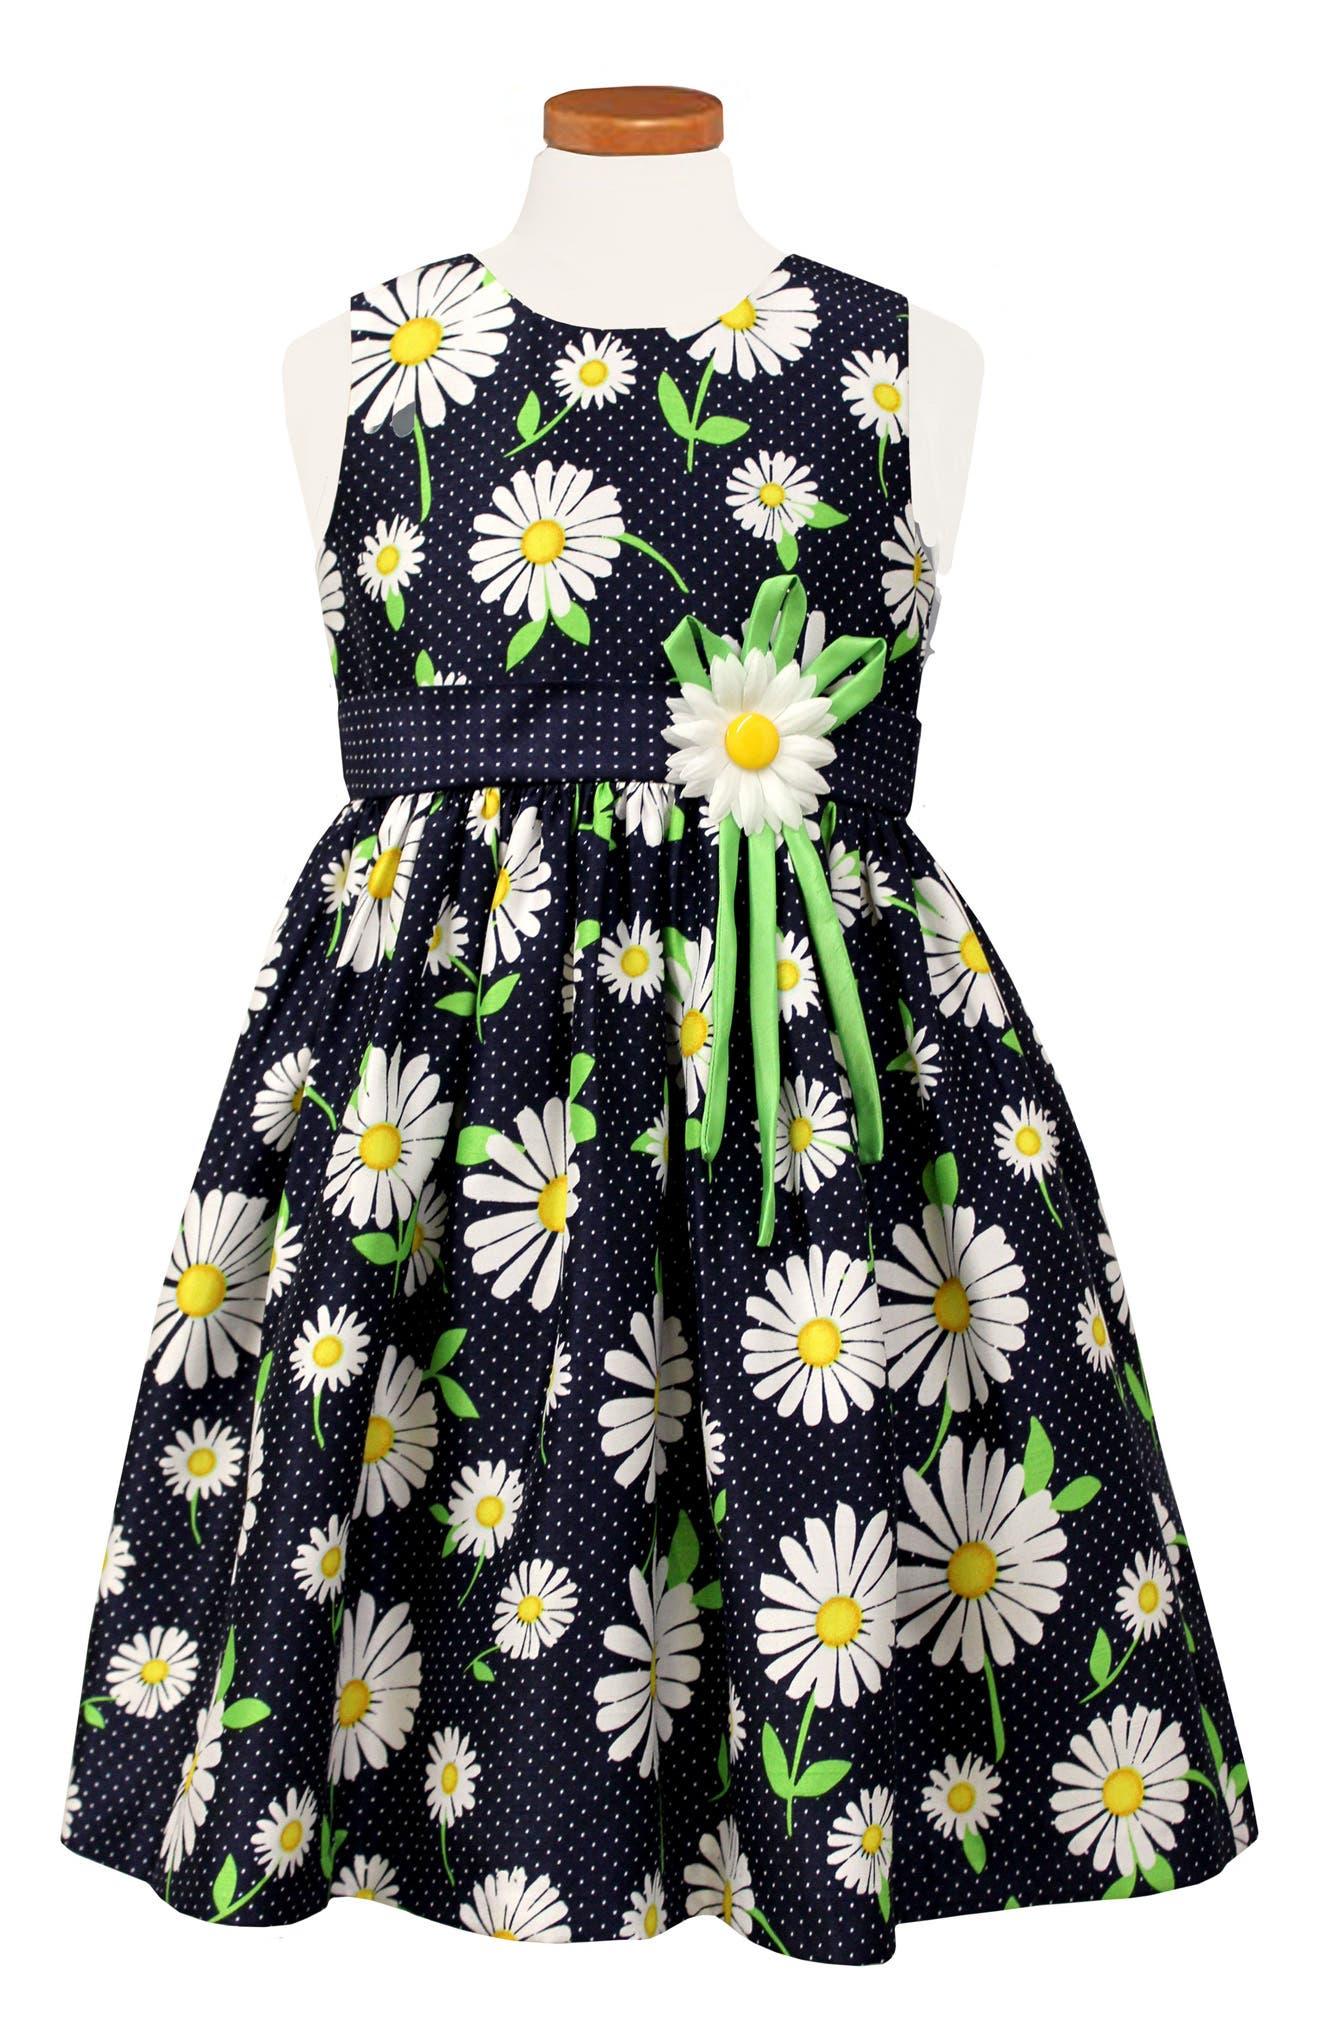 Main Image - Sorbet Floral Print Sleeveless Dress (Toddler Girls & Little Girls)